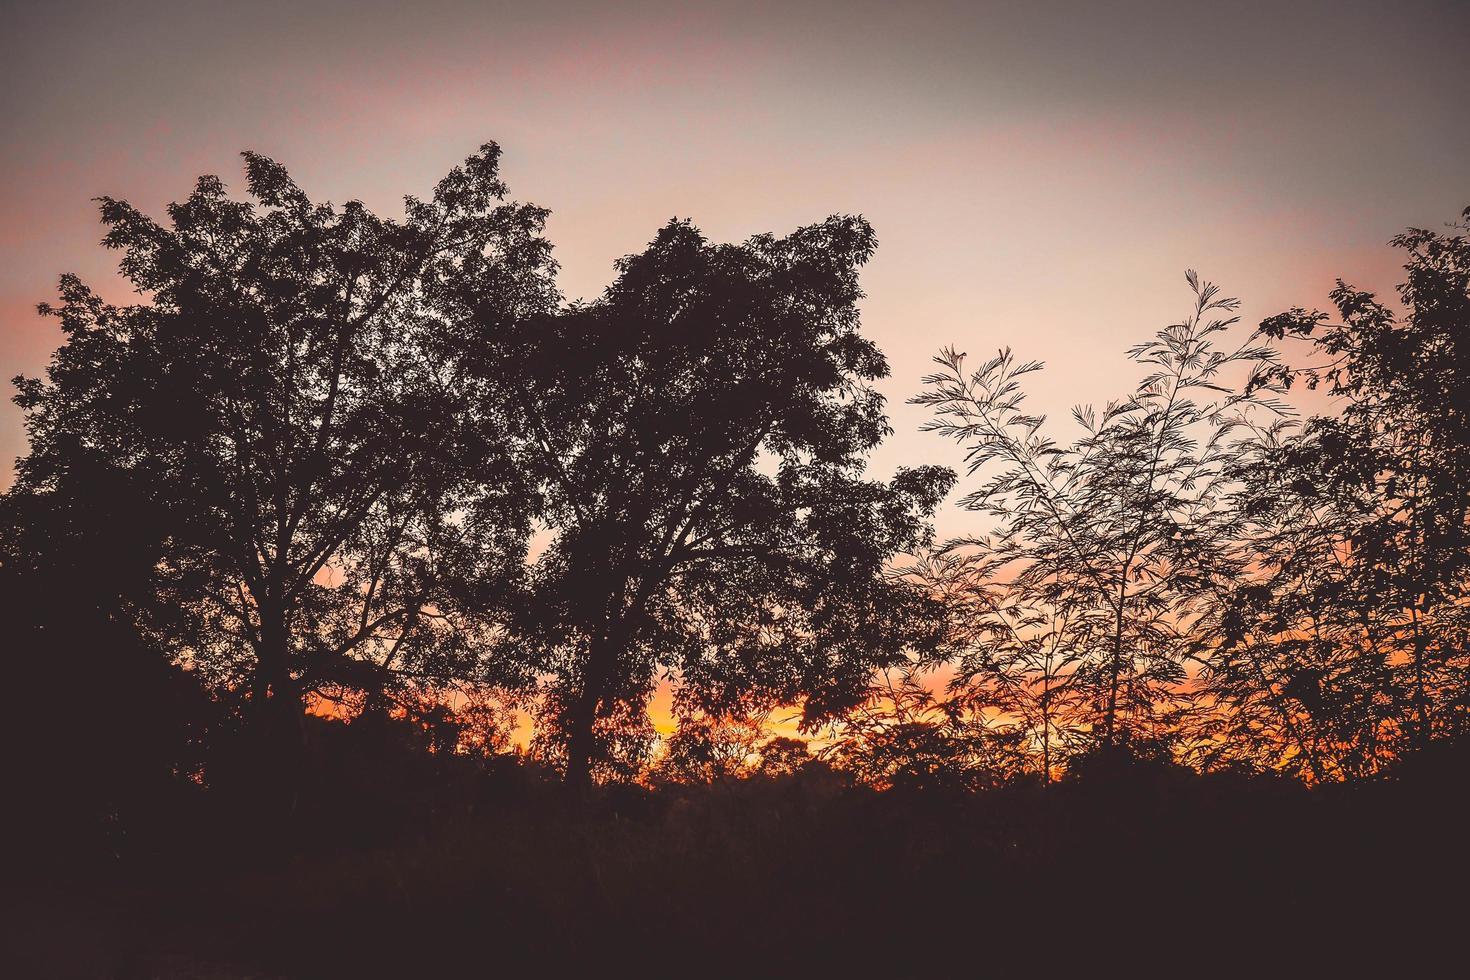 ciel dramatique coloré forêt silhouette coucher de soleil photo